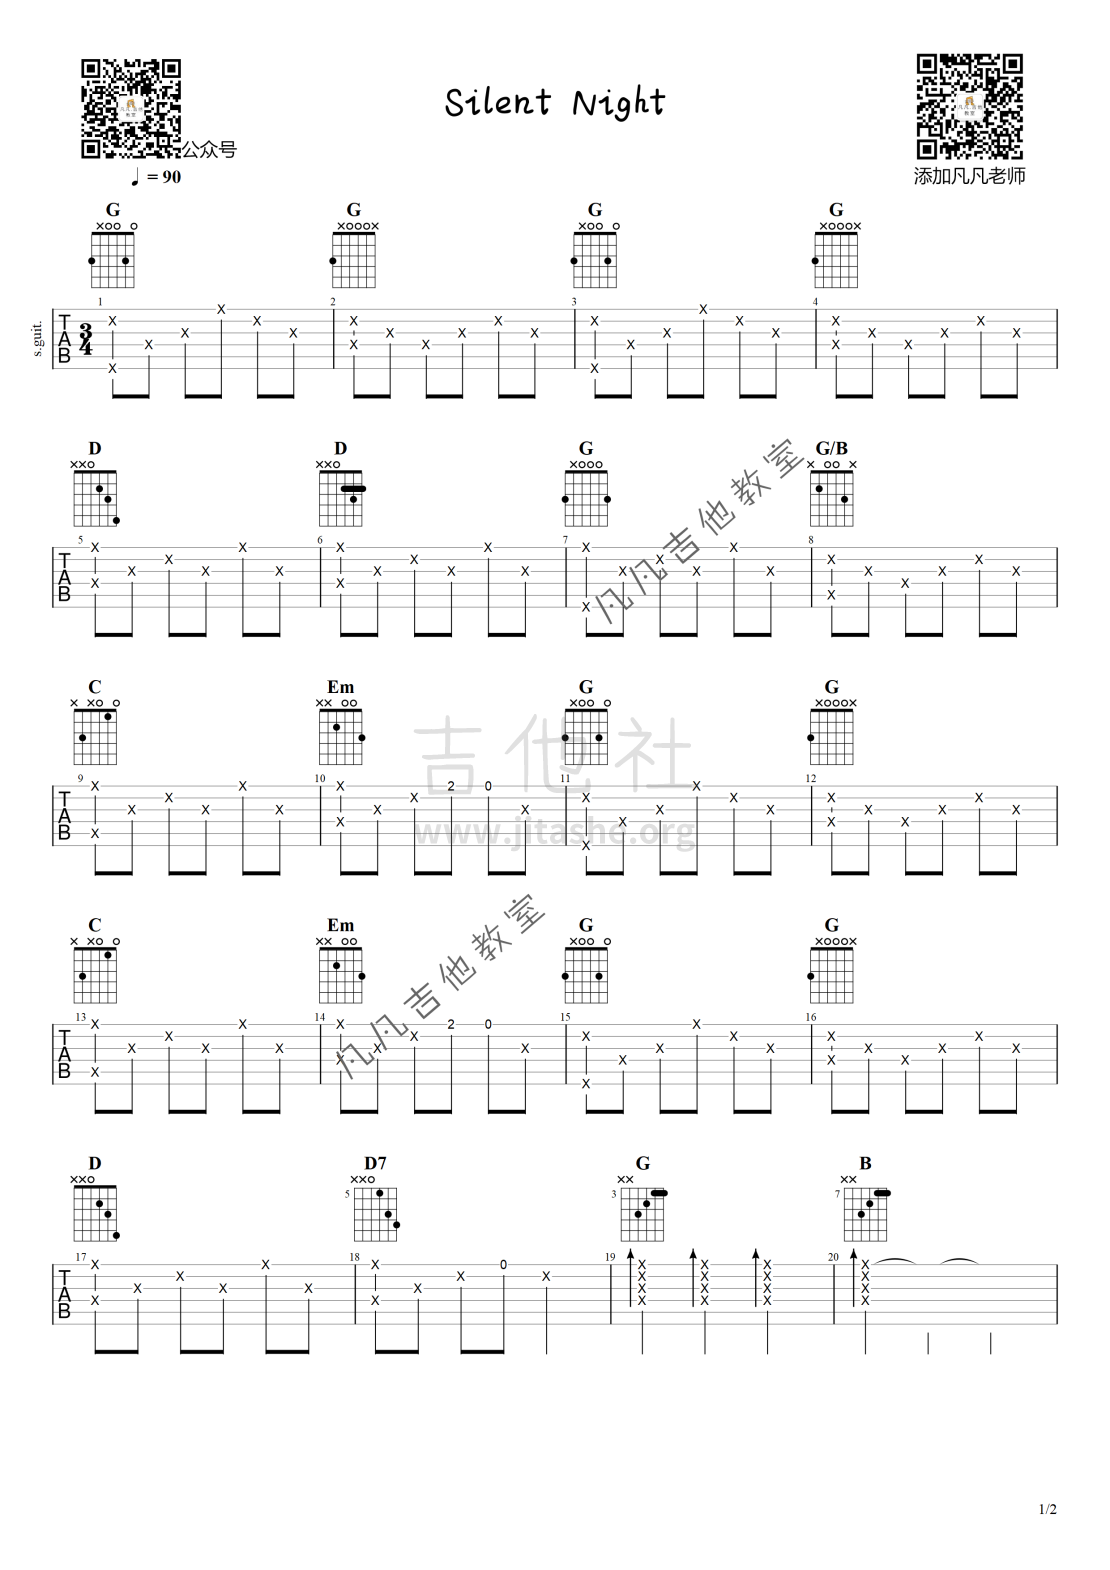 「平安夜」指弹吉他、独奏,简单好听版,送吉他谱,圣诞节快乐!吉他谱(图片谱,岛屿心情,弹唱,乐队版)_原声带(OST;Original Soundtrack;电影)_Silent Night#1.png